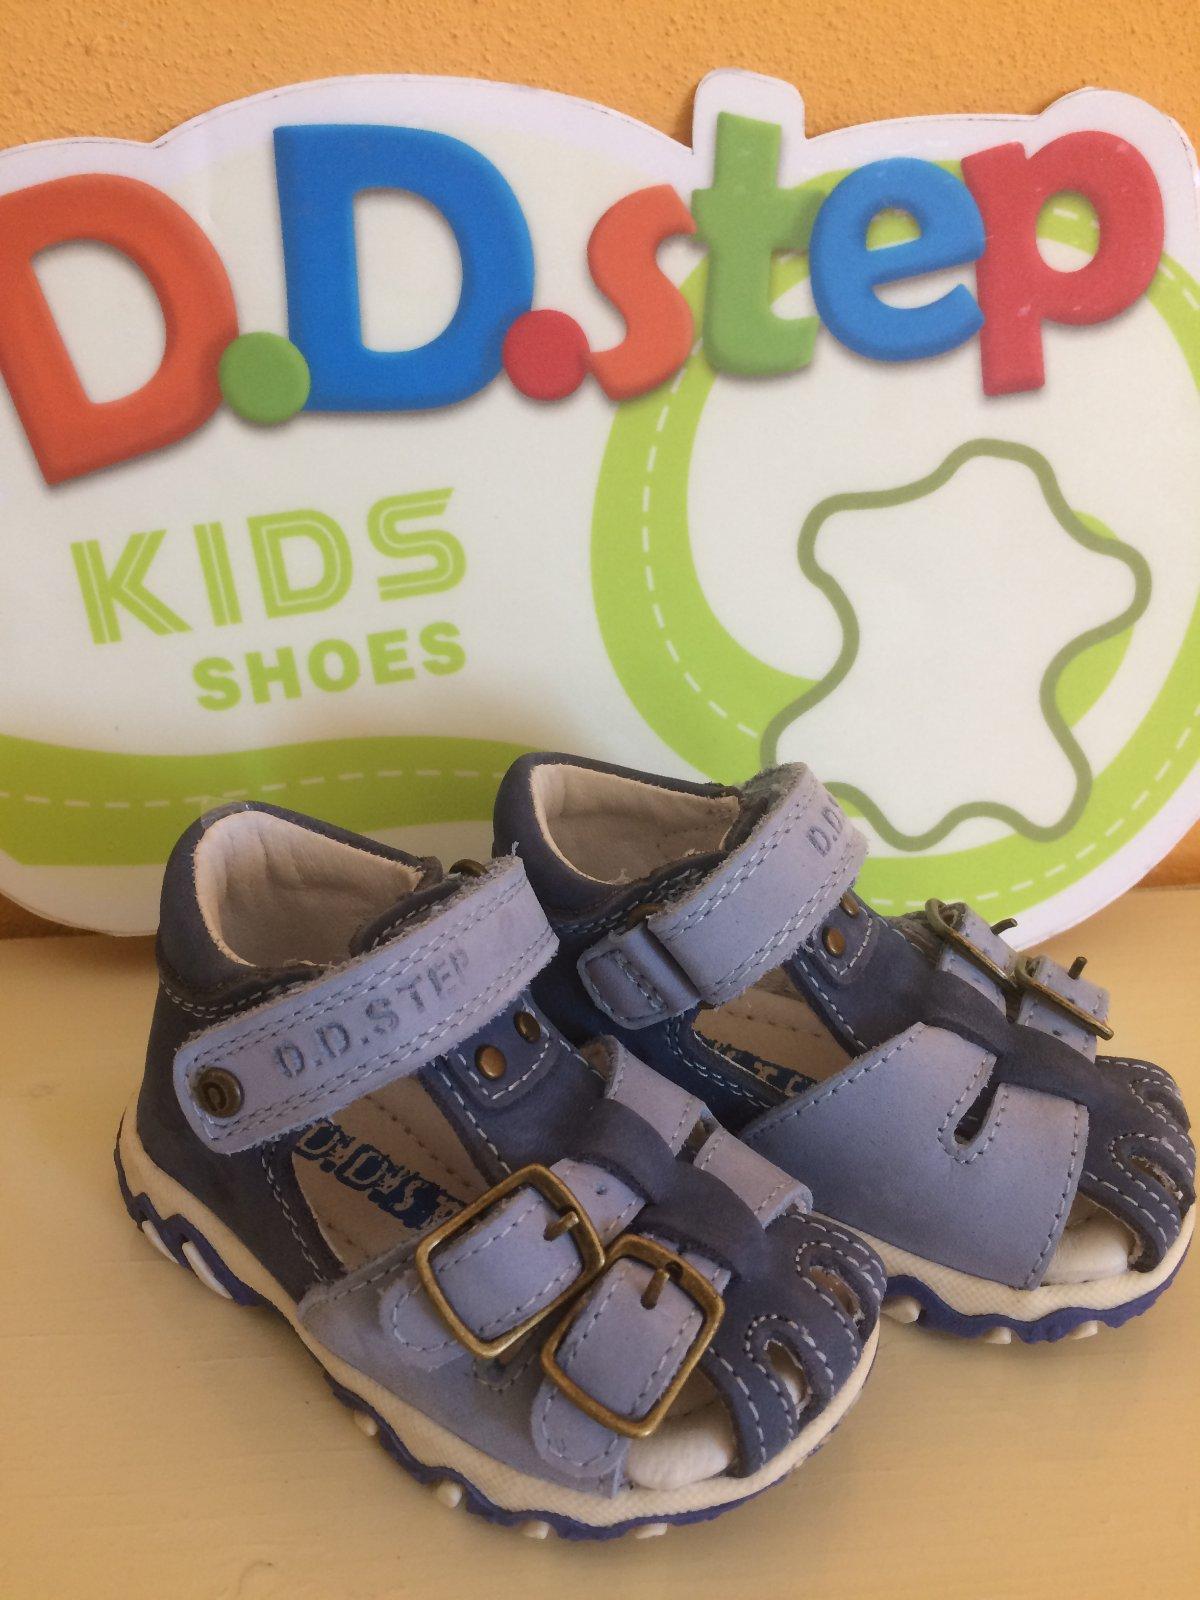 3ef47598ffd9e Chlapcenske kozene sandale, d.d.step,19 / 24 - 30 € od predávajúcej  cupilupiobuv | Detský bazár | ModryKonik.sk